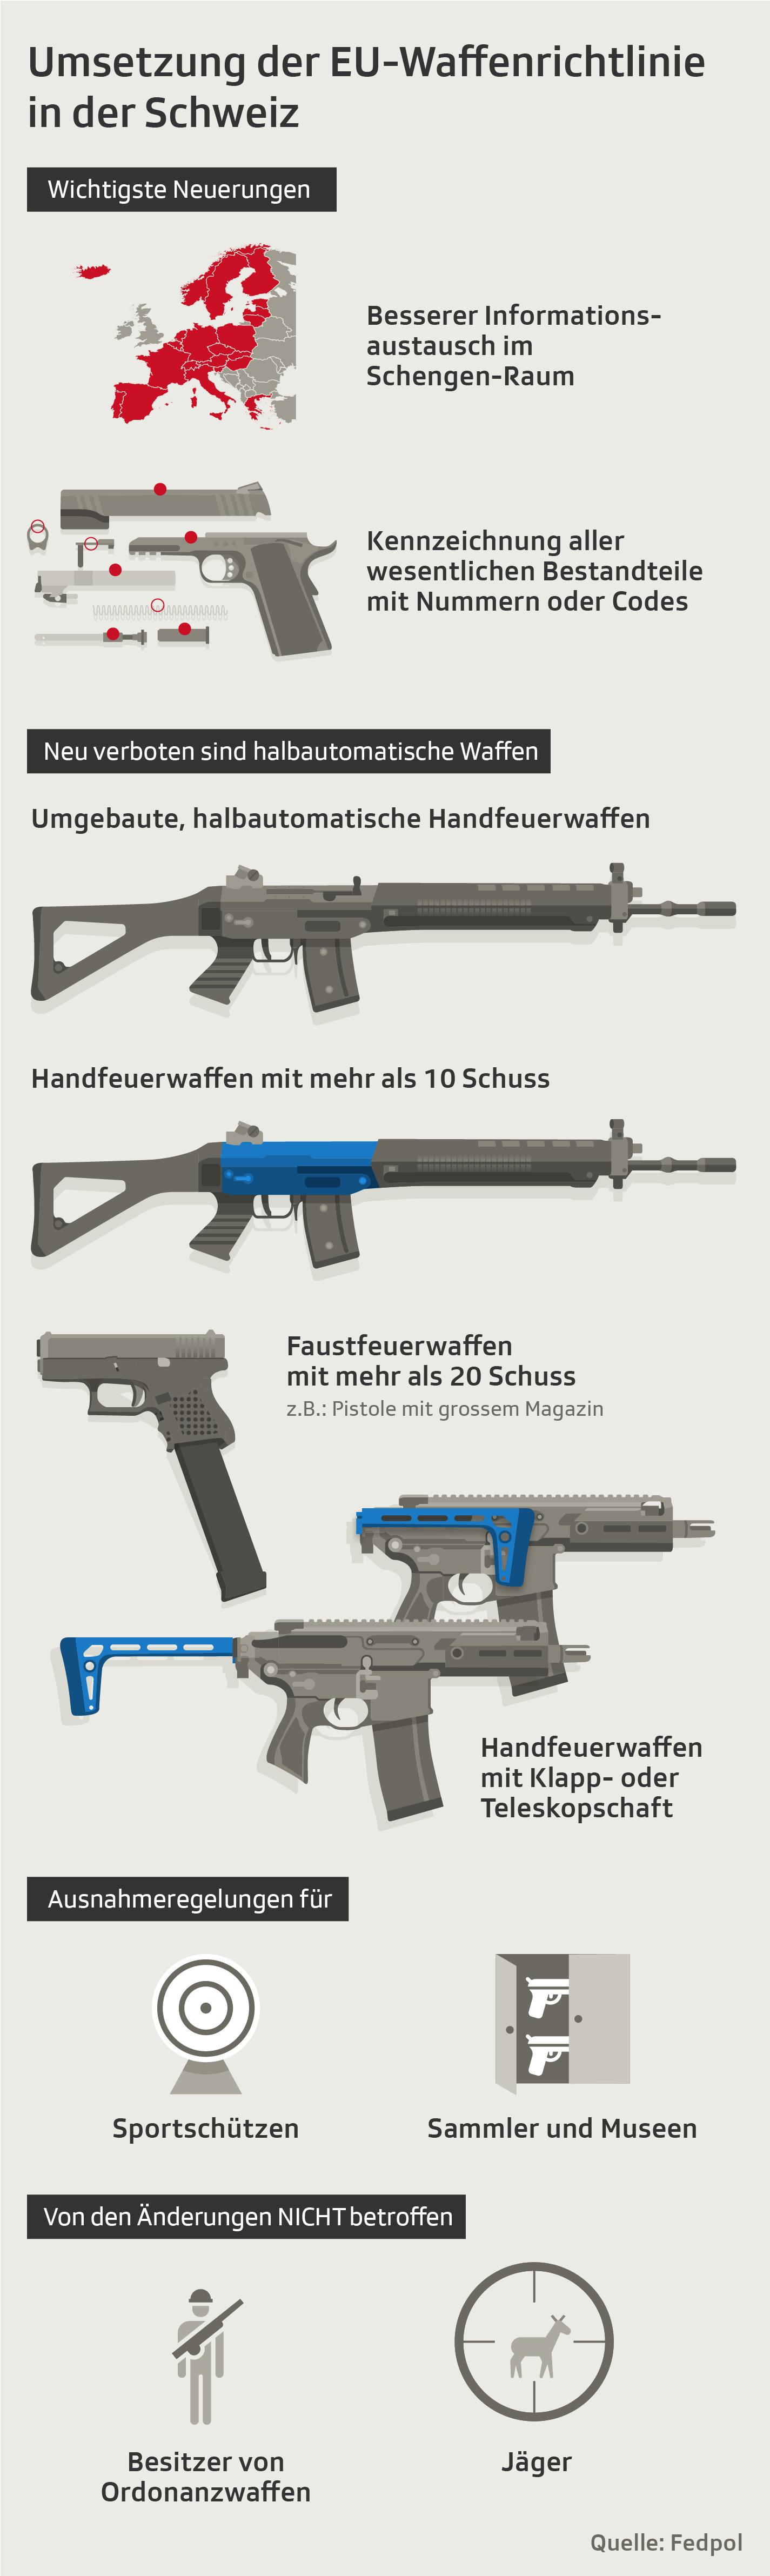 Grafik Waffenrecht